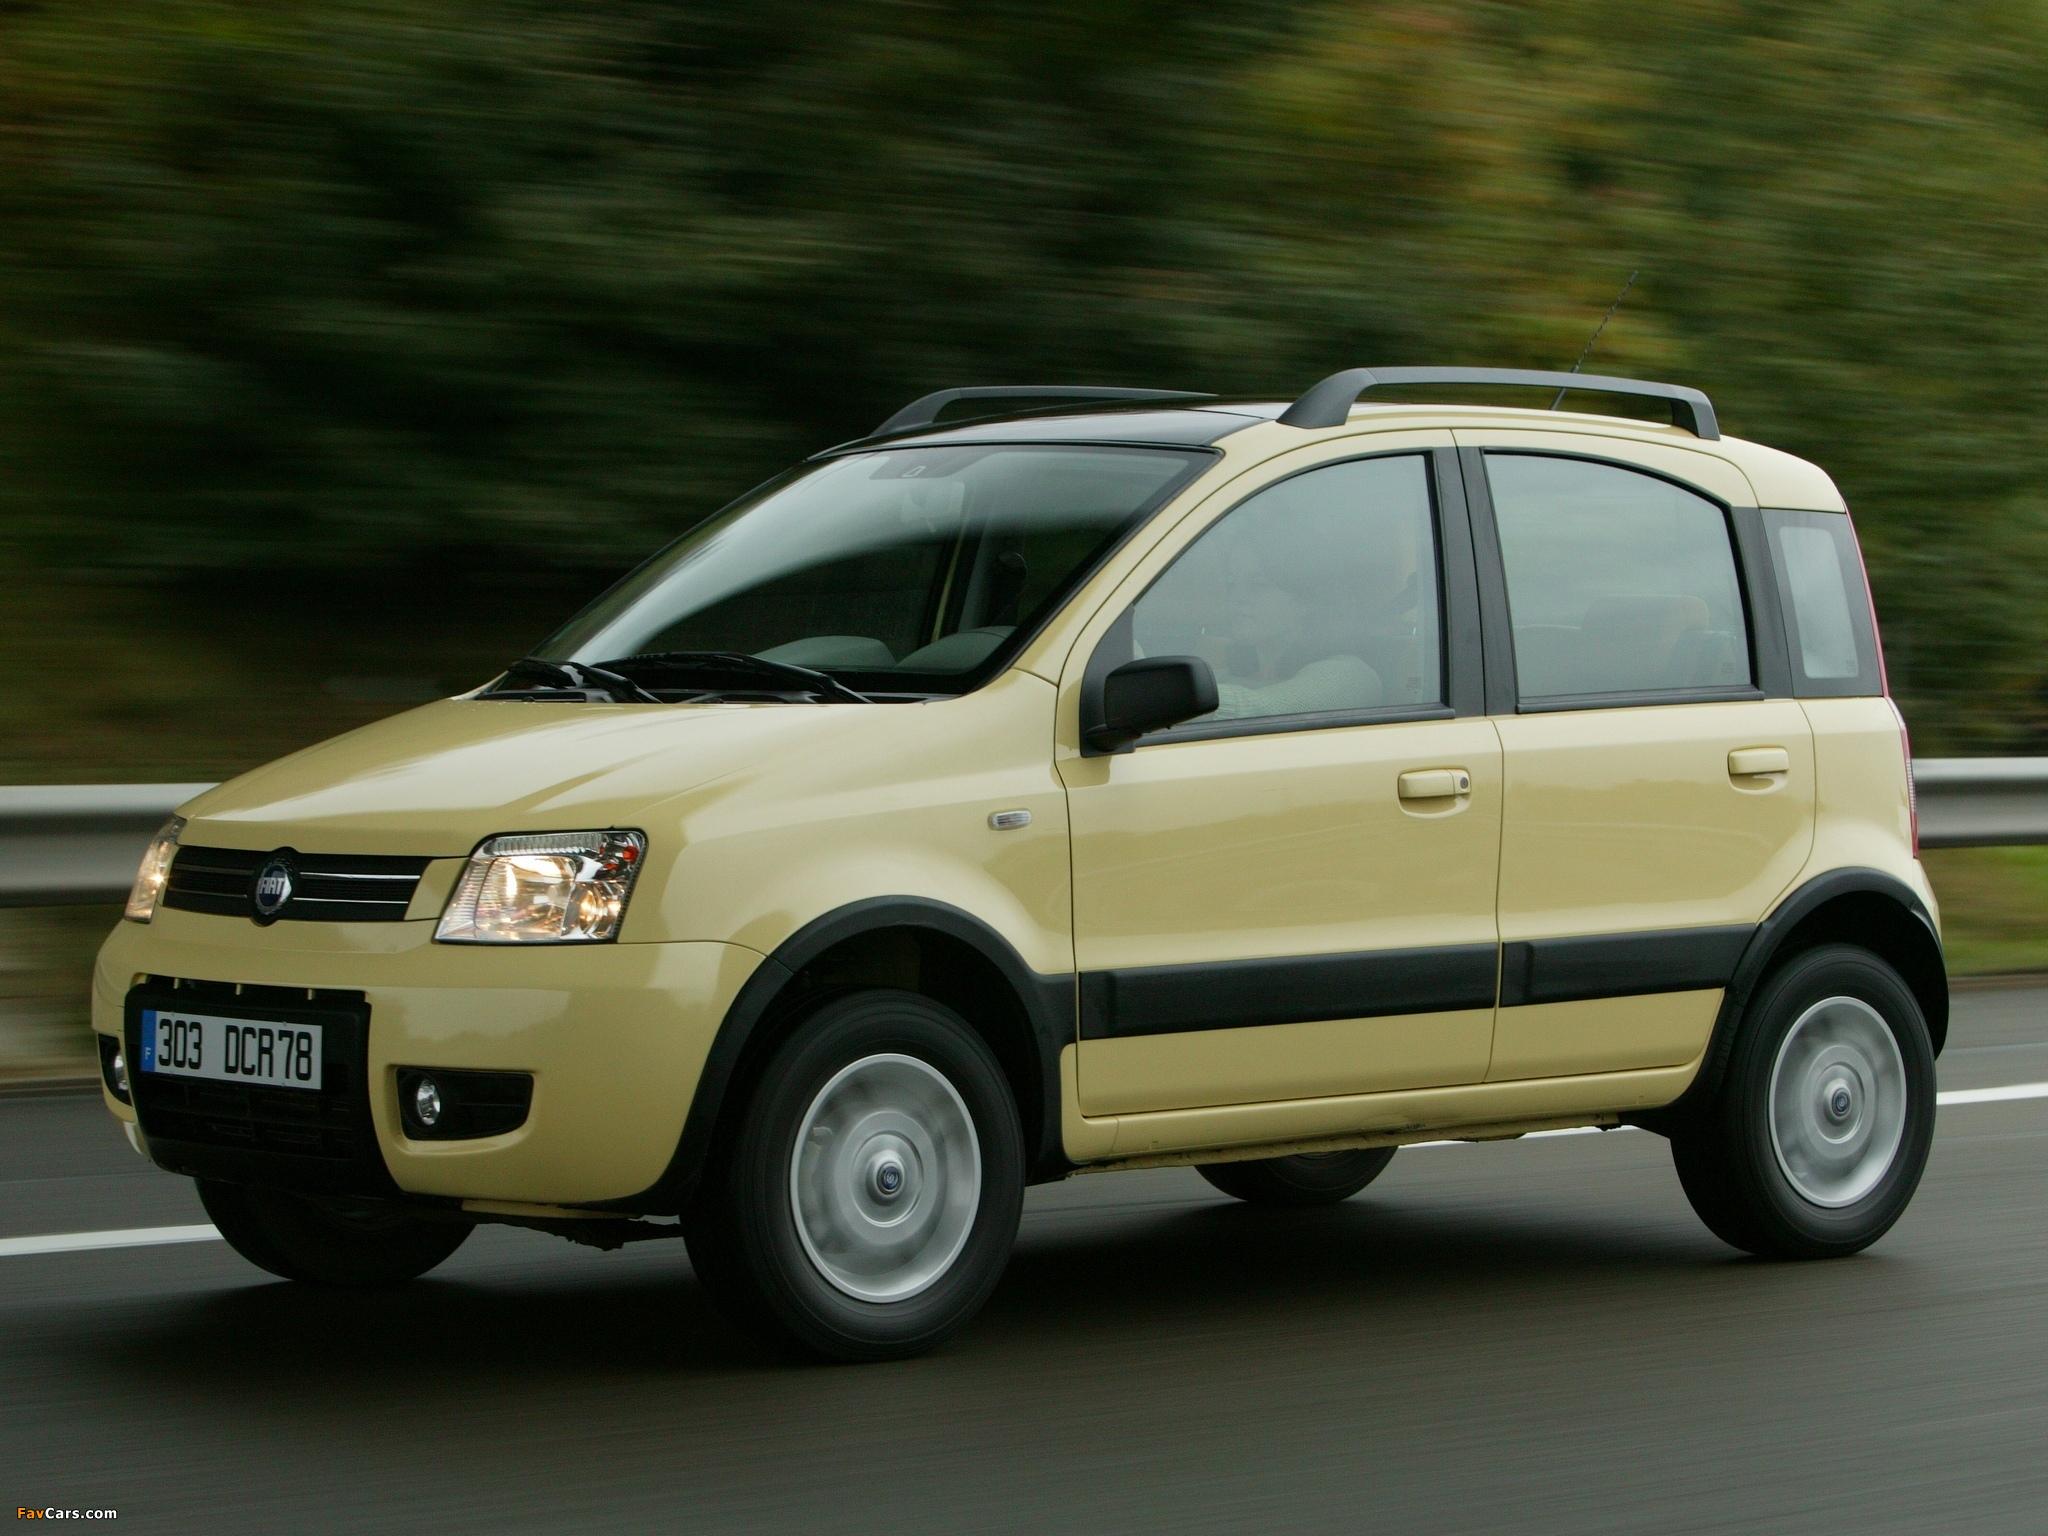 1024x768 Car Wallpapers Fiat Panda 4x4 Climbing 169 2004 Images 2048x1536